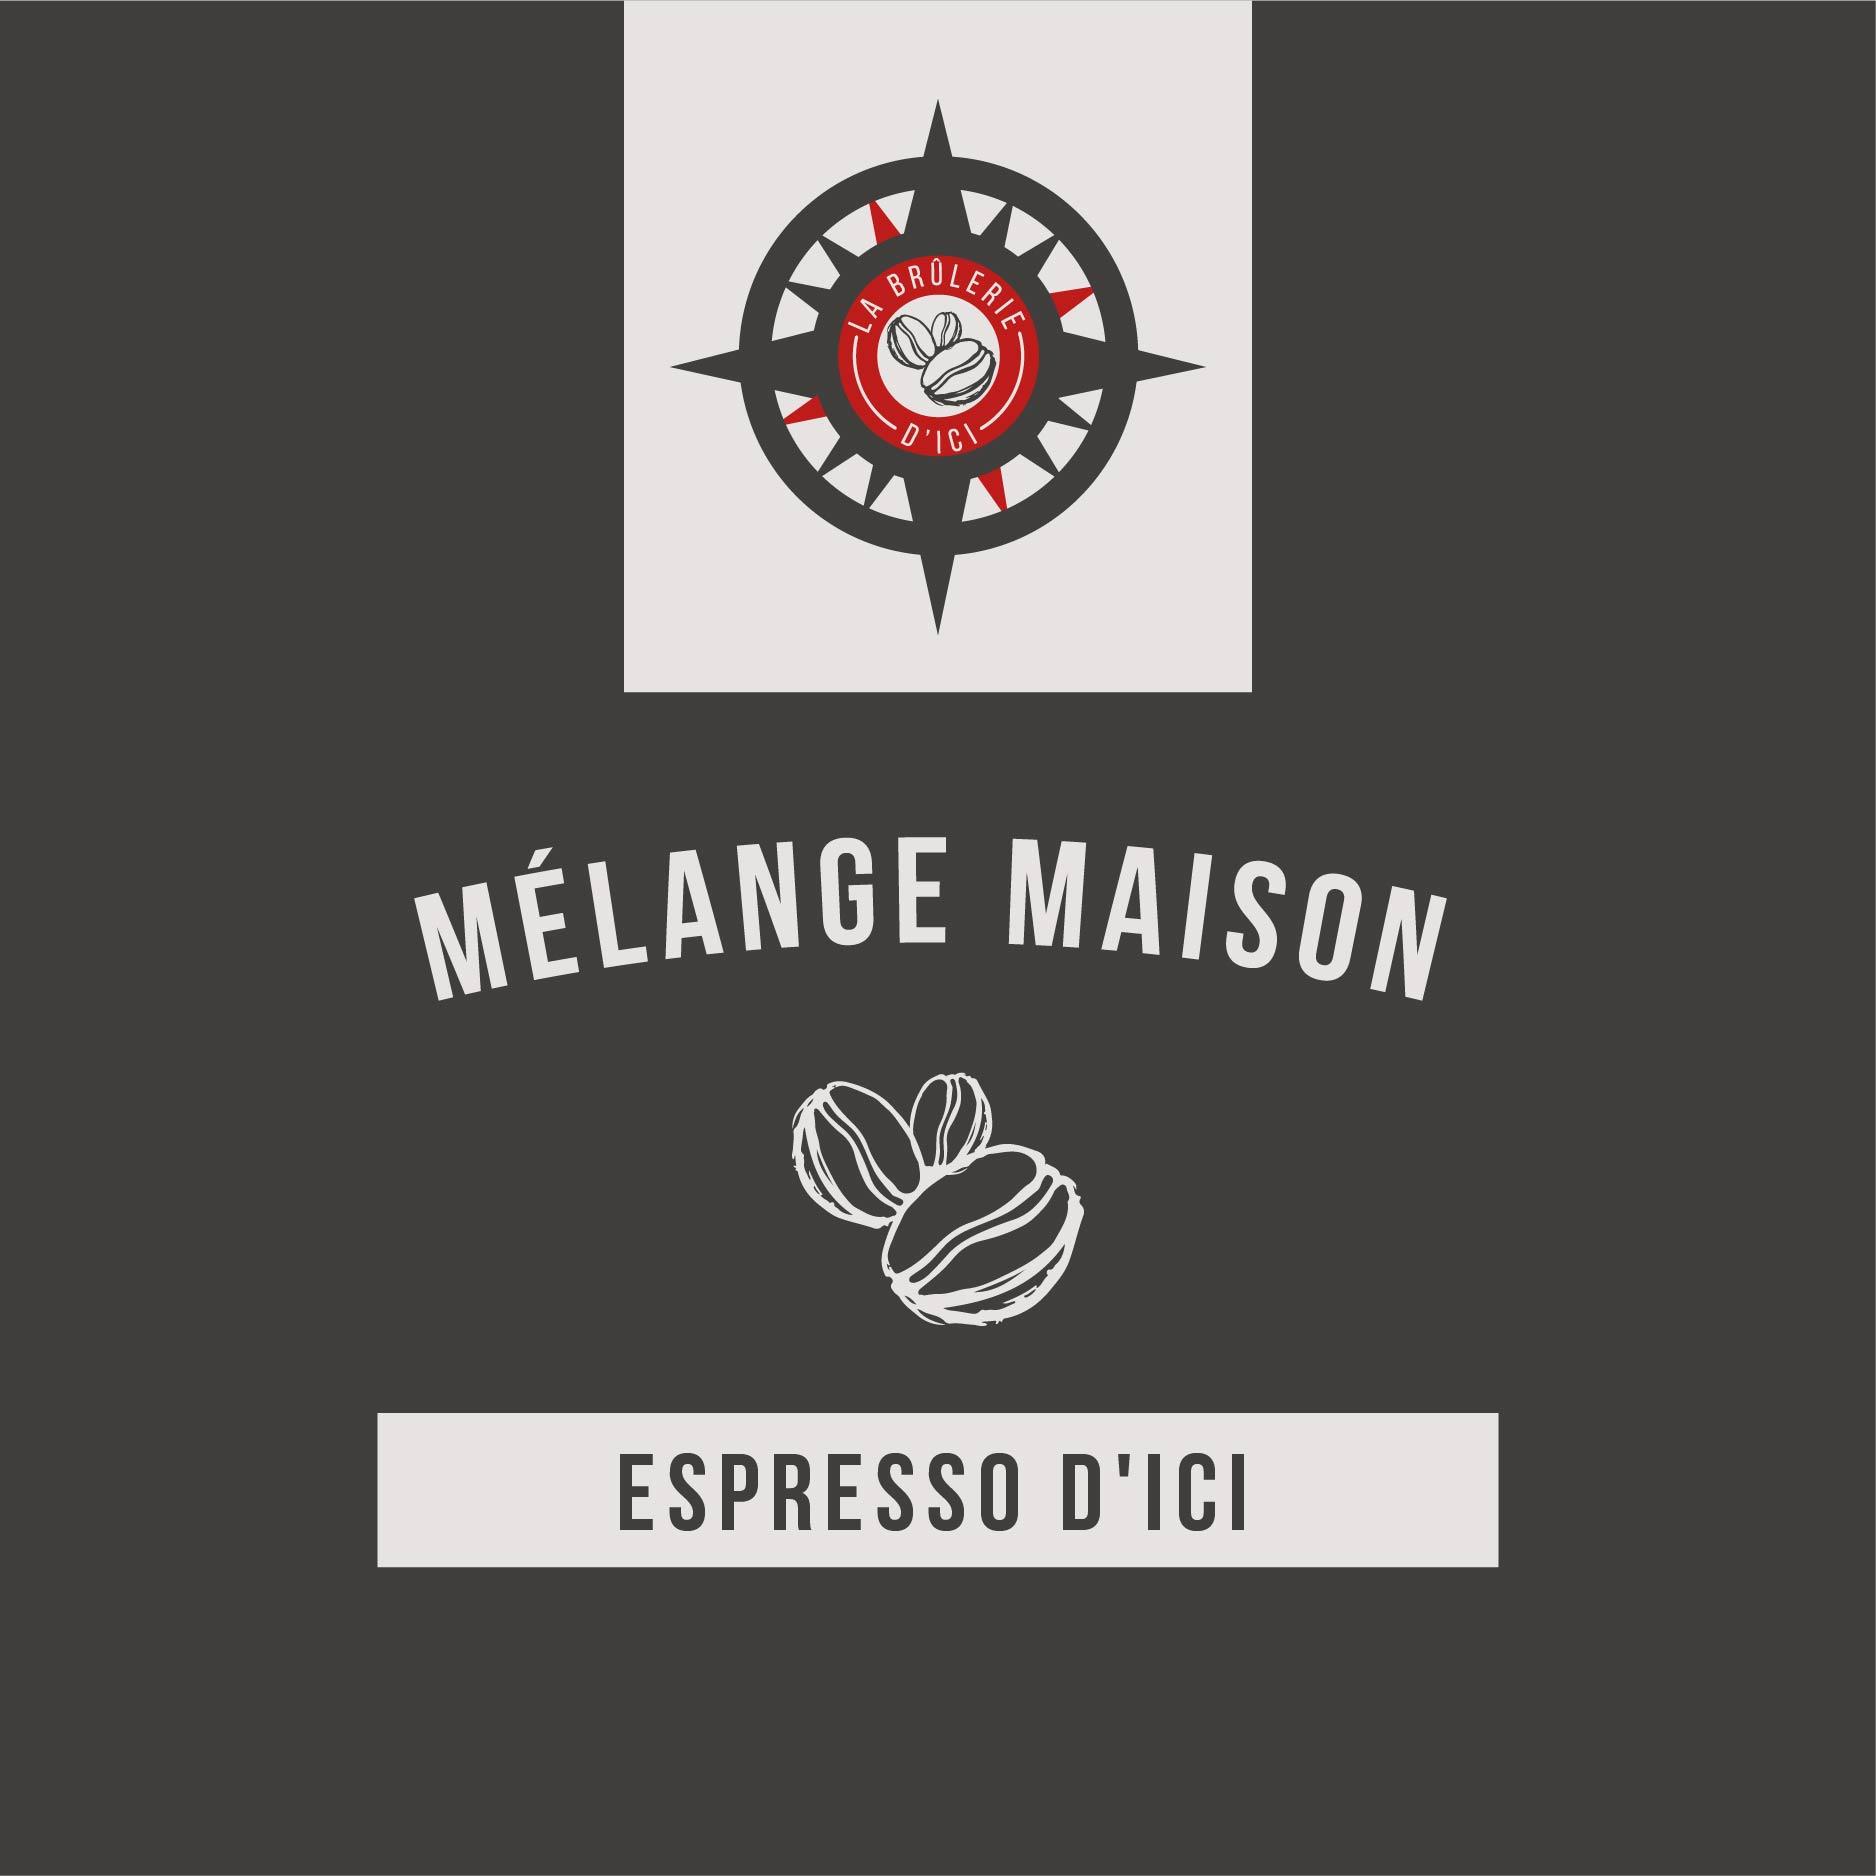 Espresso d'Ici - Mélange maison